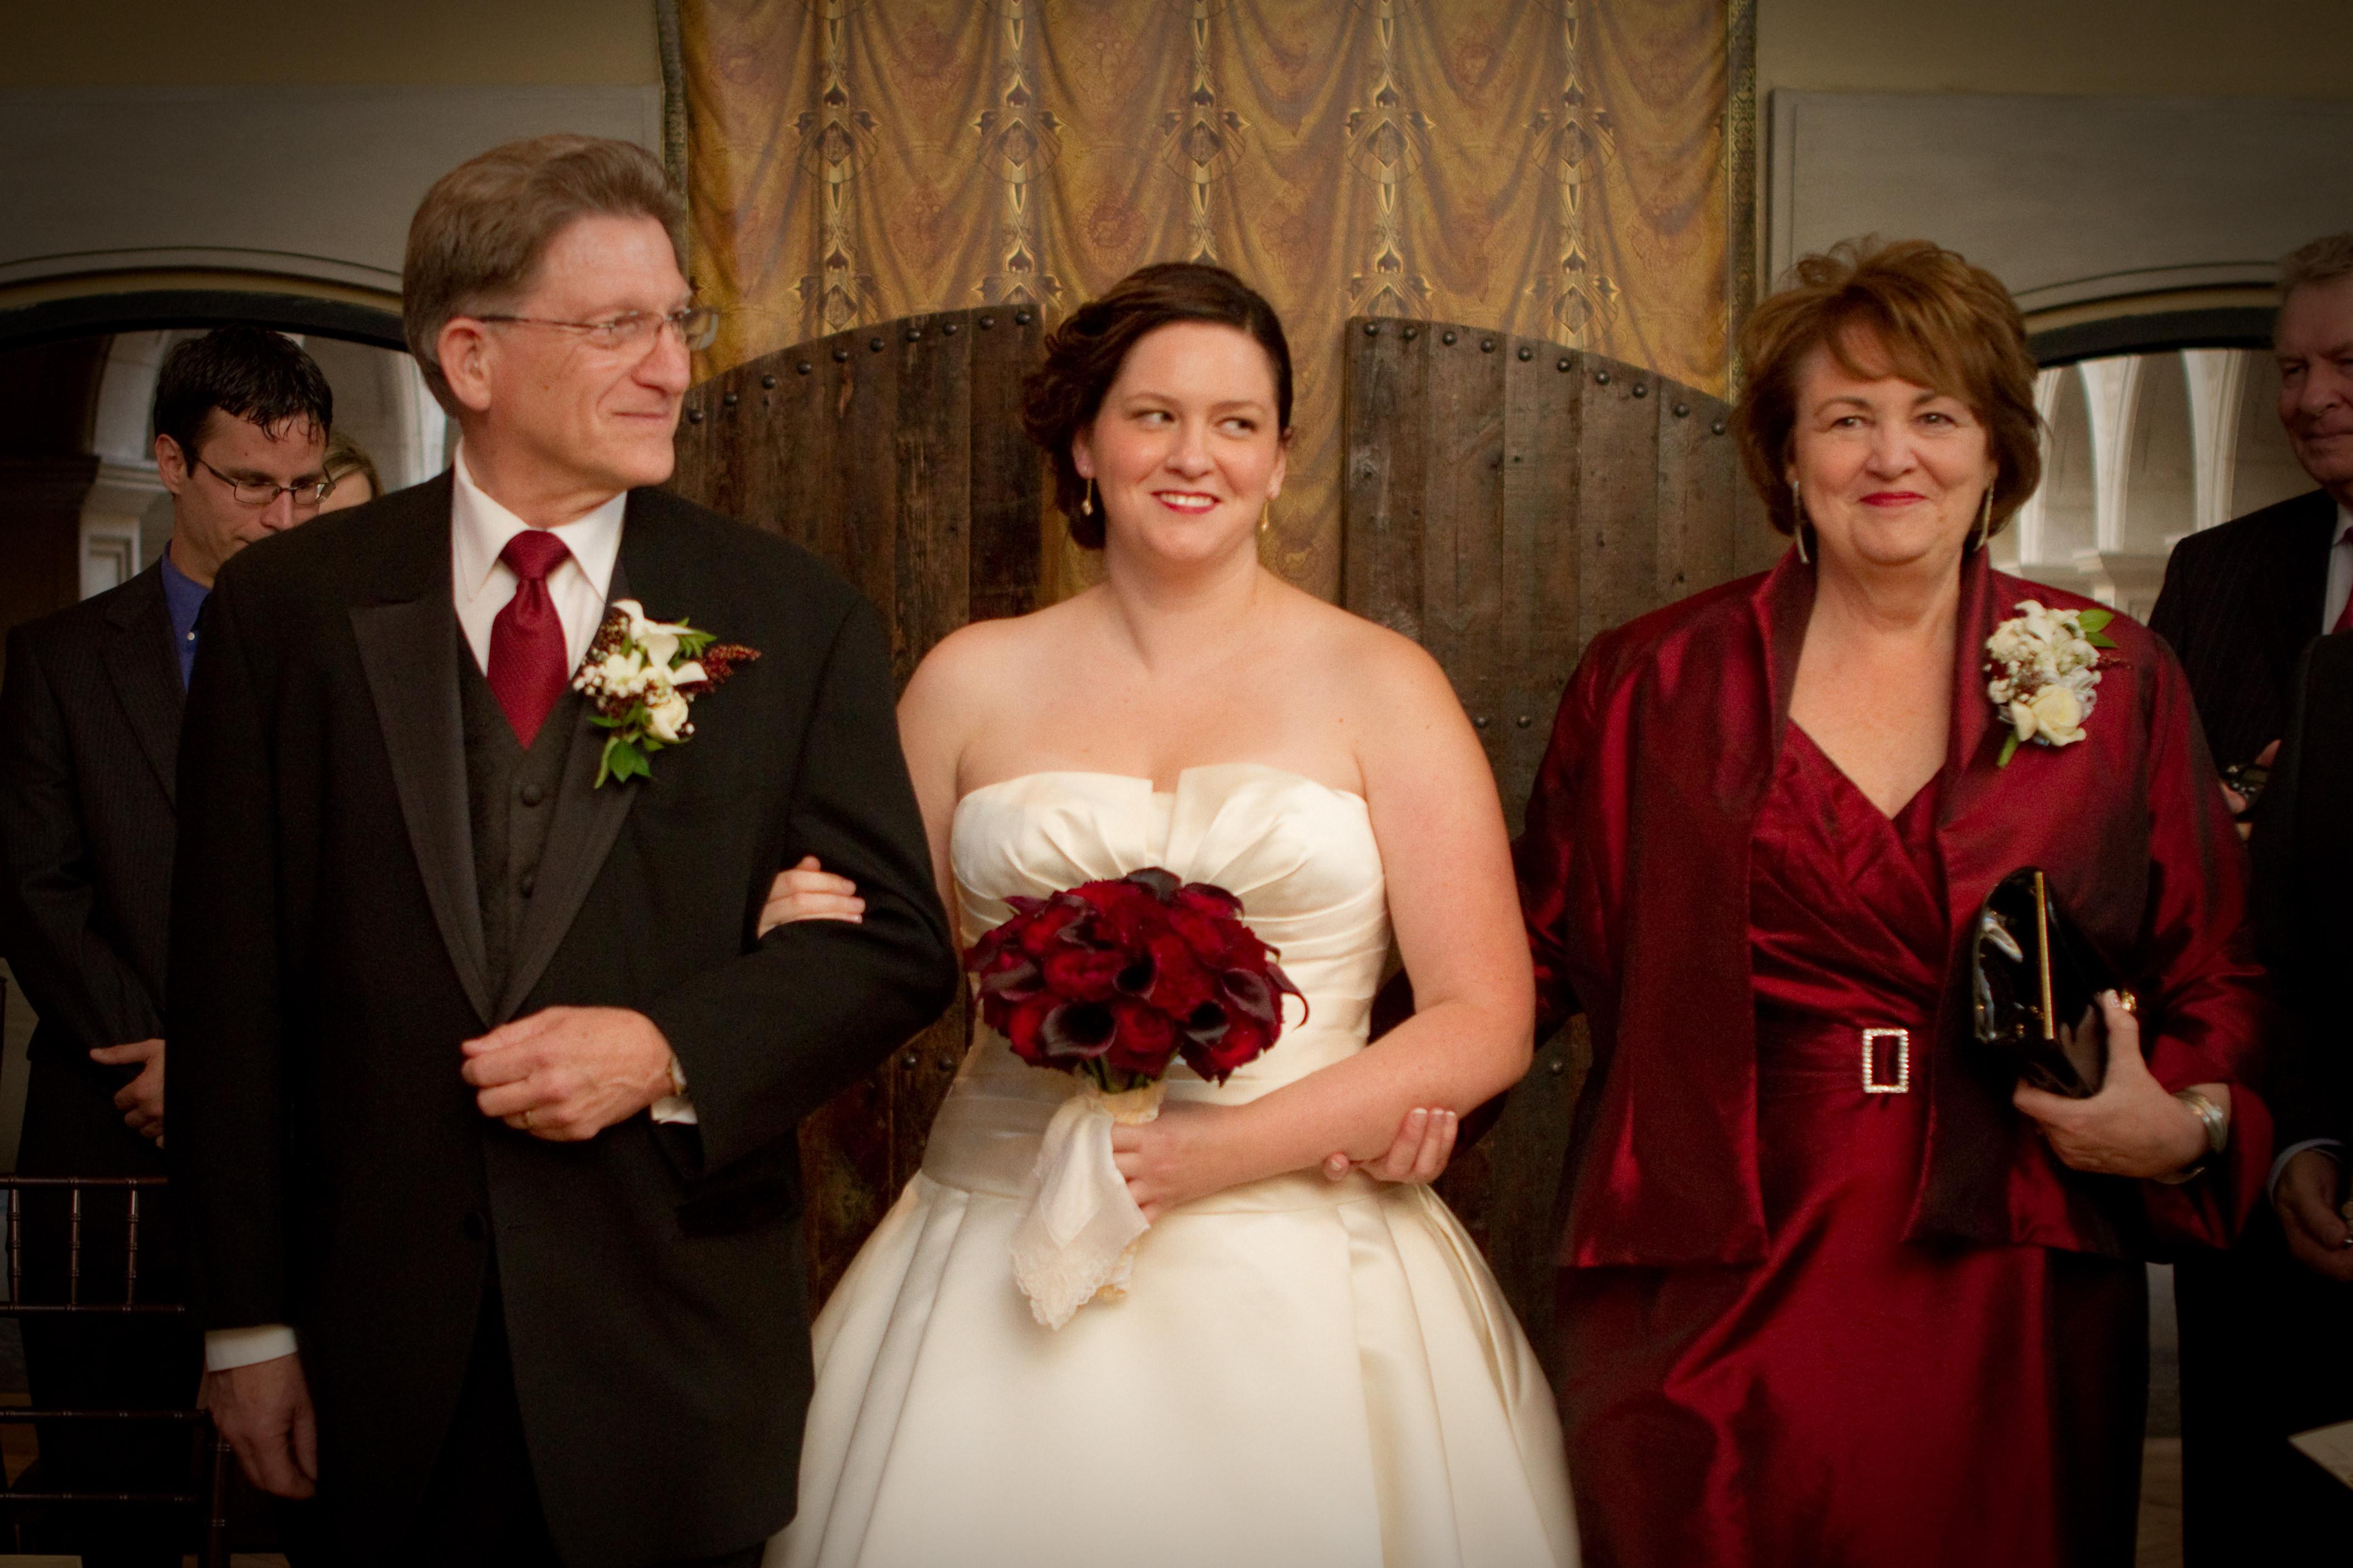 IMG 7229 - Andrew & Andrea   Kitchener Wedding Photography at La Hacienda Saaria